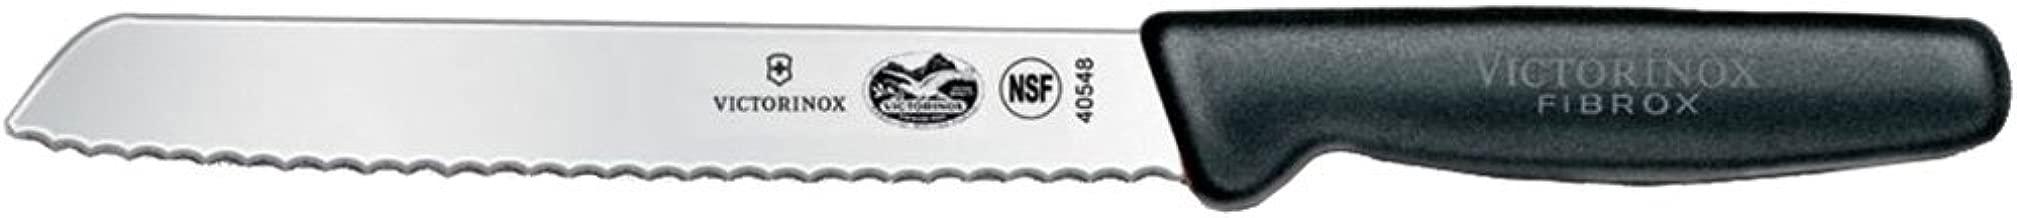 New Victorinox Serrated Edge Bread Knife 21Cm Fibrox 5.1633.21